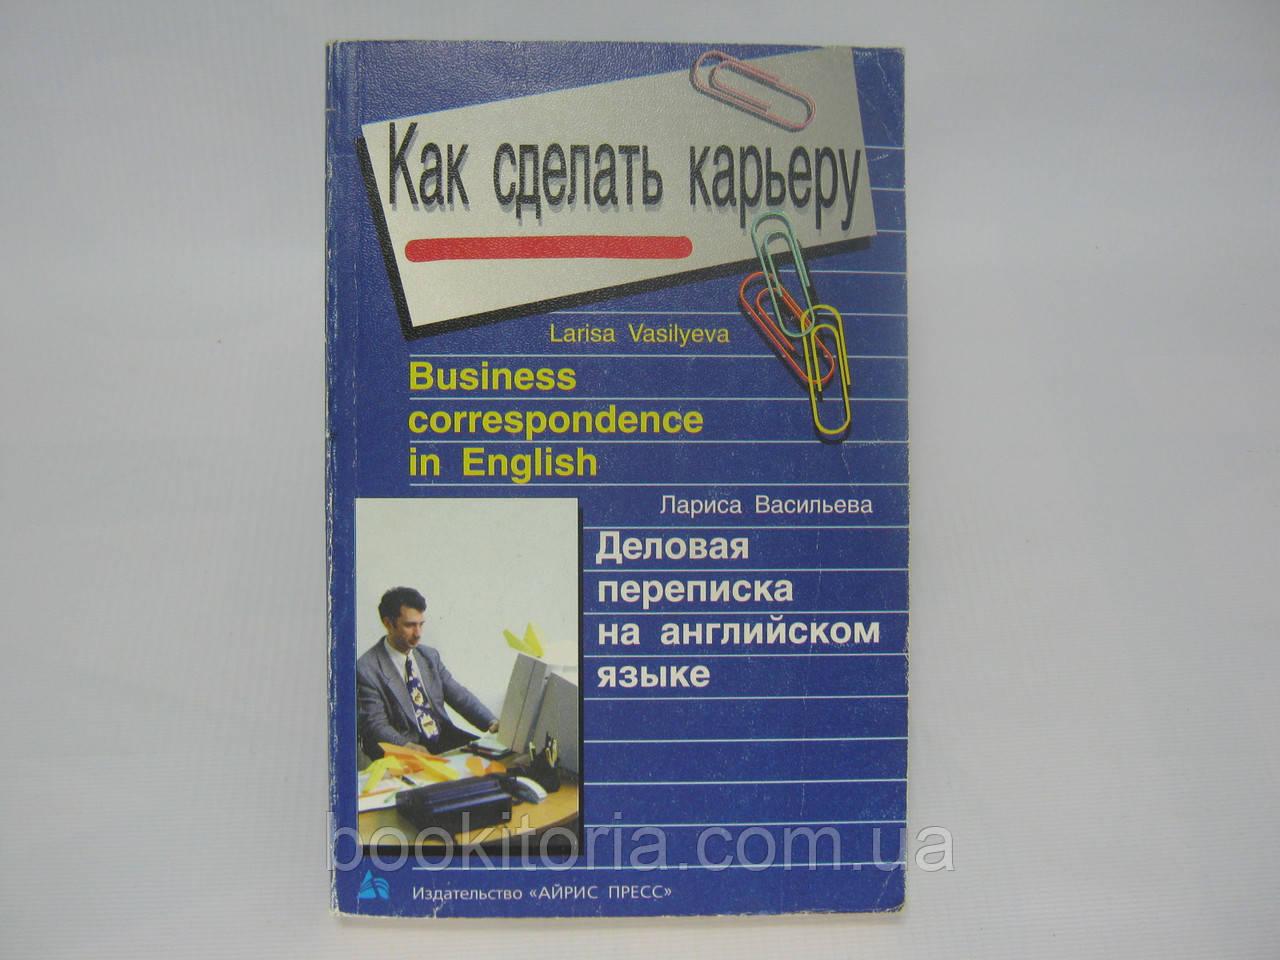 Васильева Л. Деловая переписка на английском языке (б/у).